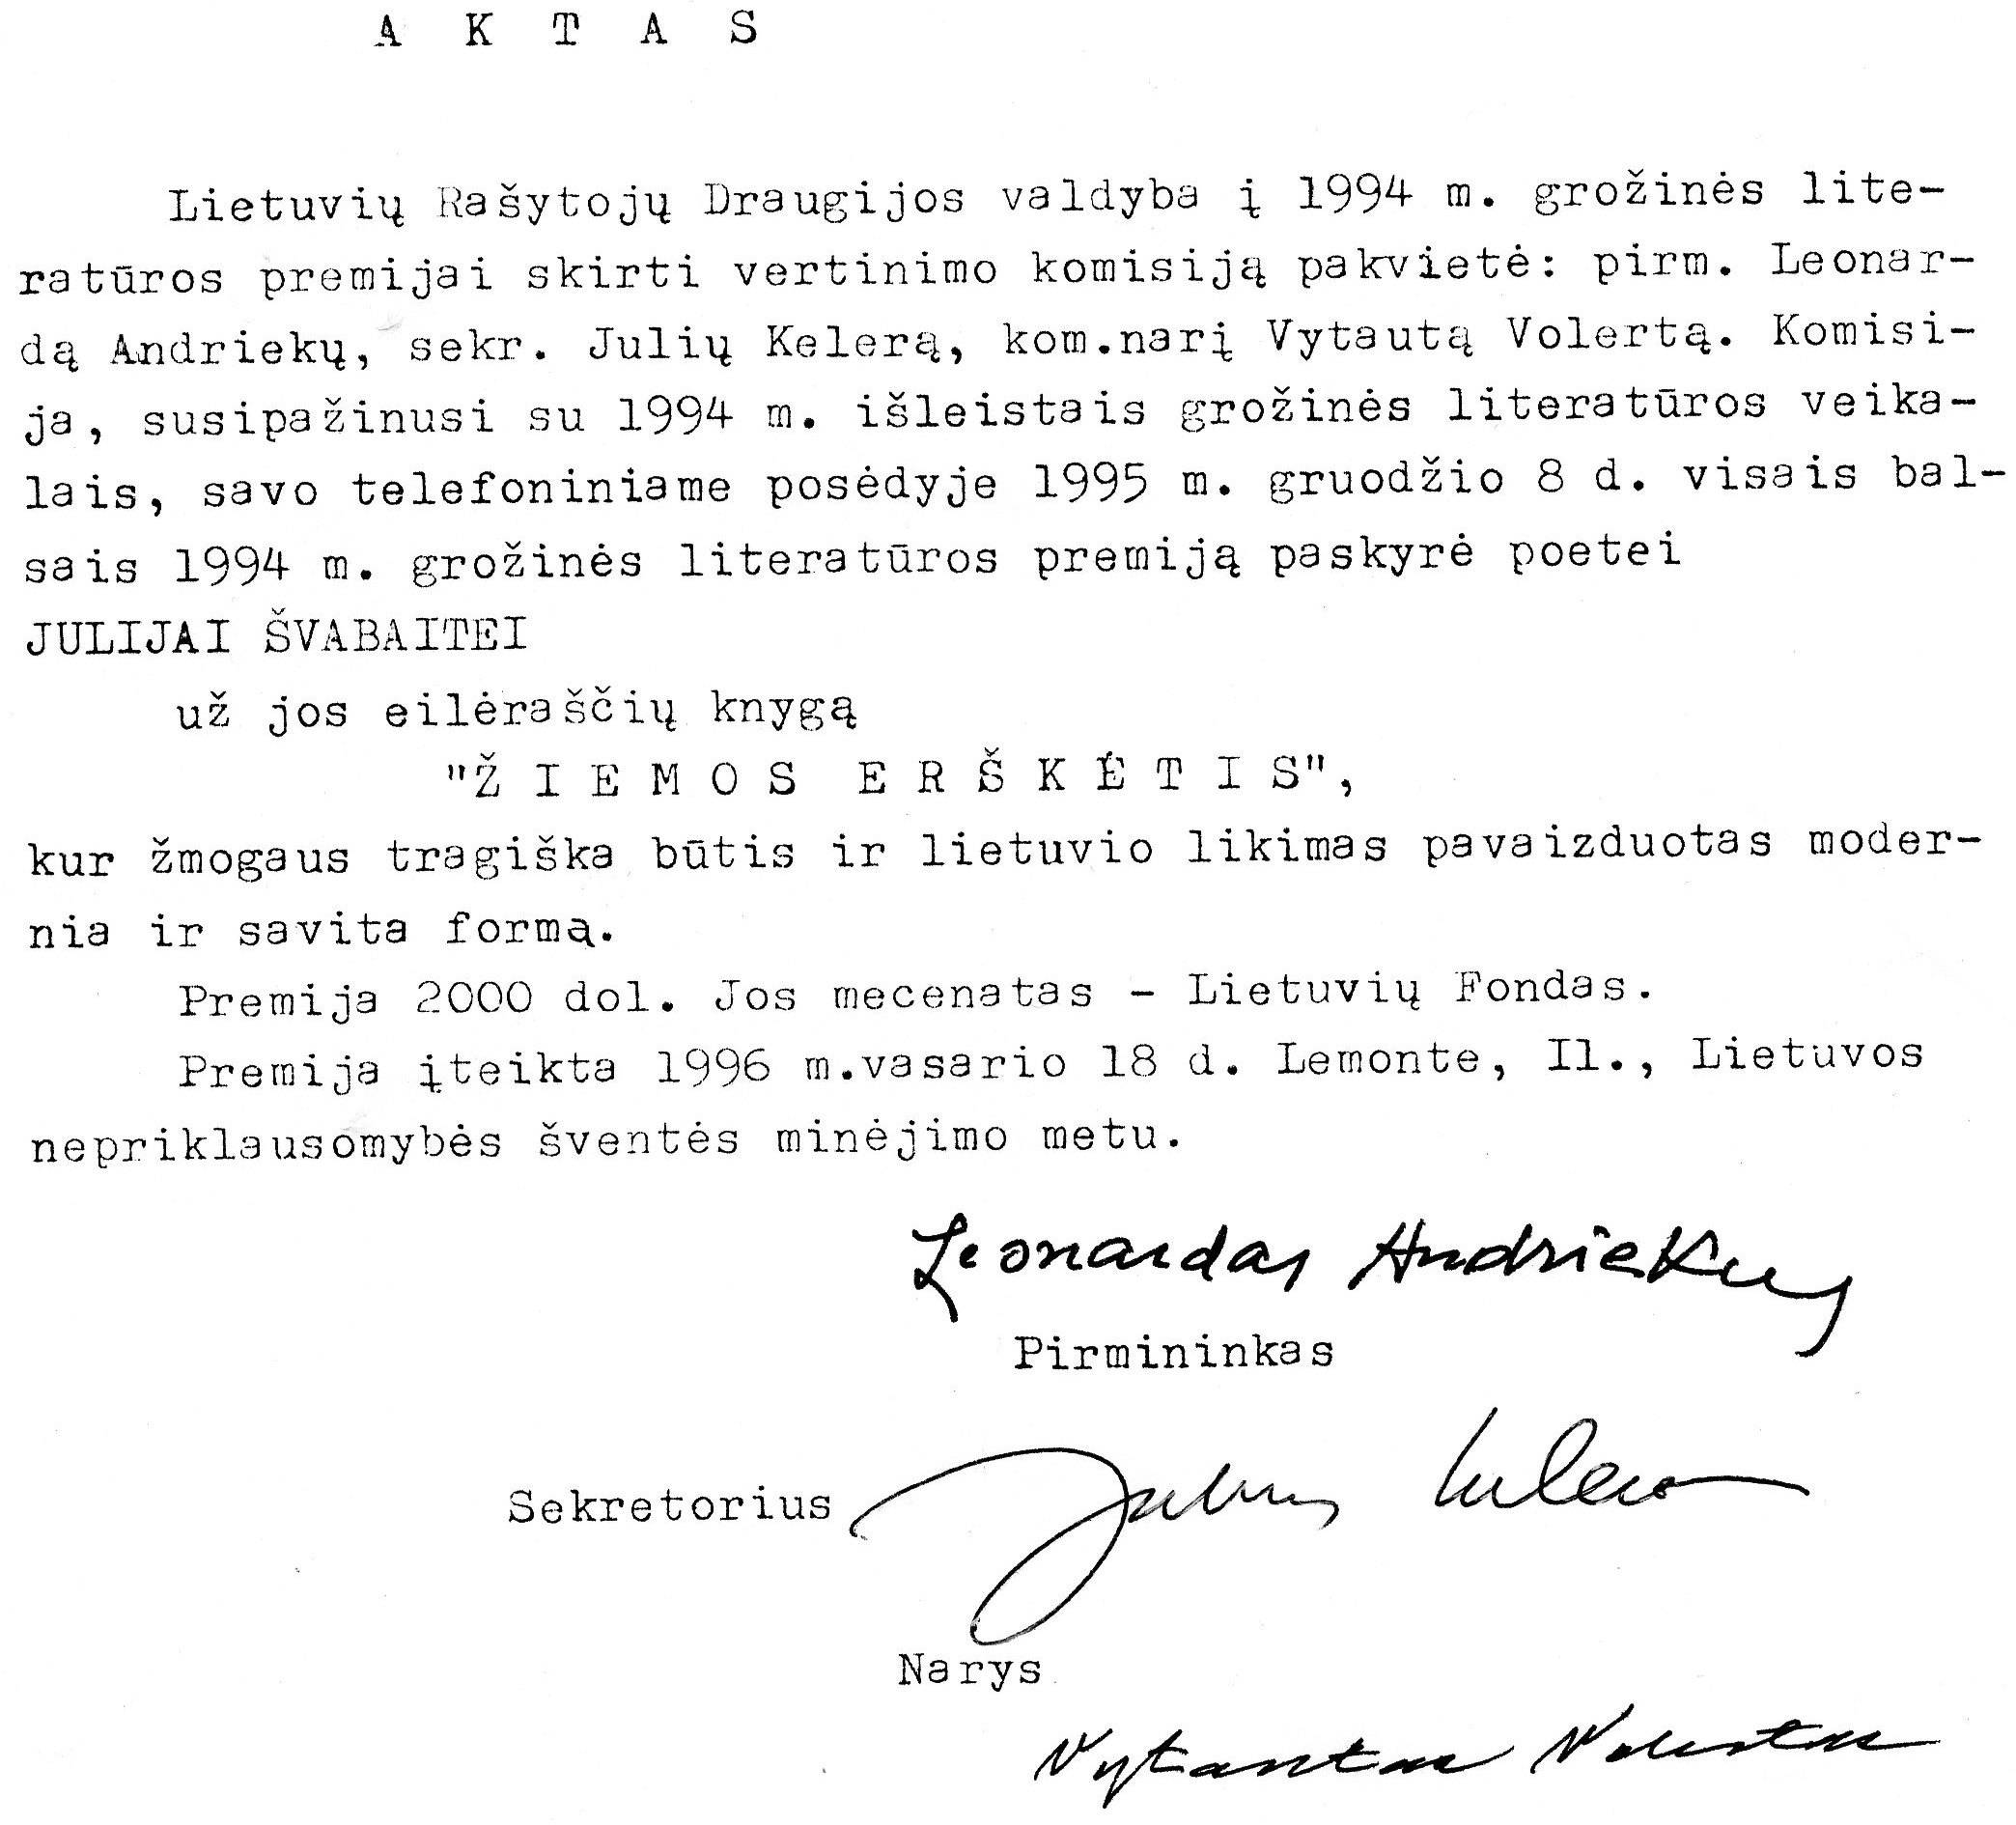 """LRD premijos paskyrimo aktas J. Švabaitei už eilėraščių knygą """"Žiemos erškėtis"""". 1995 12 08"""